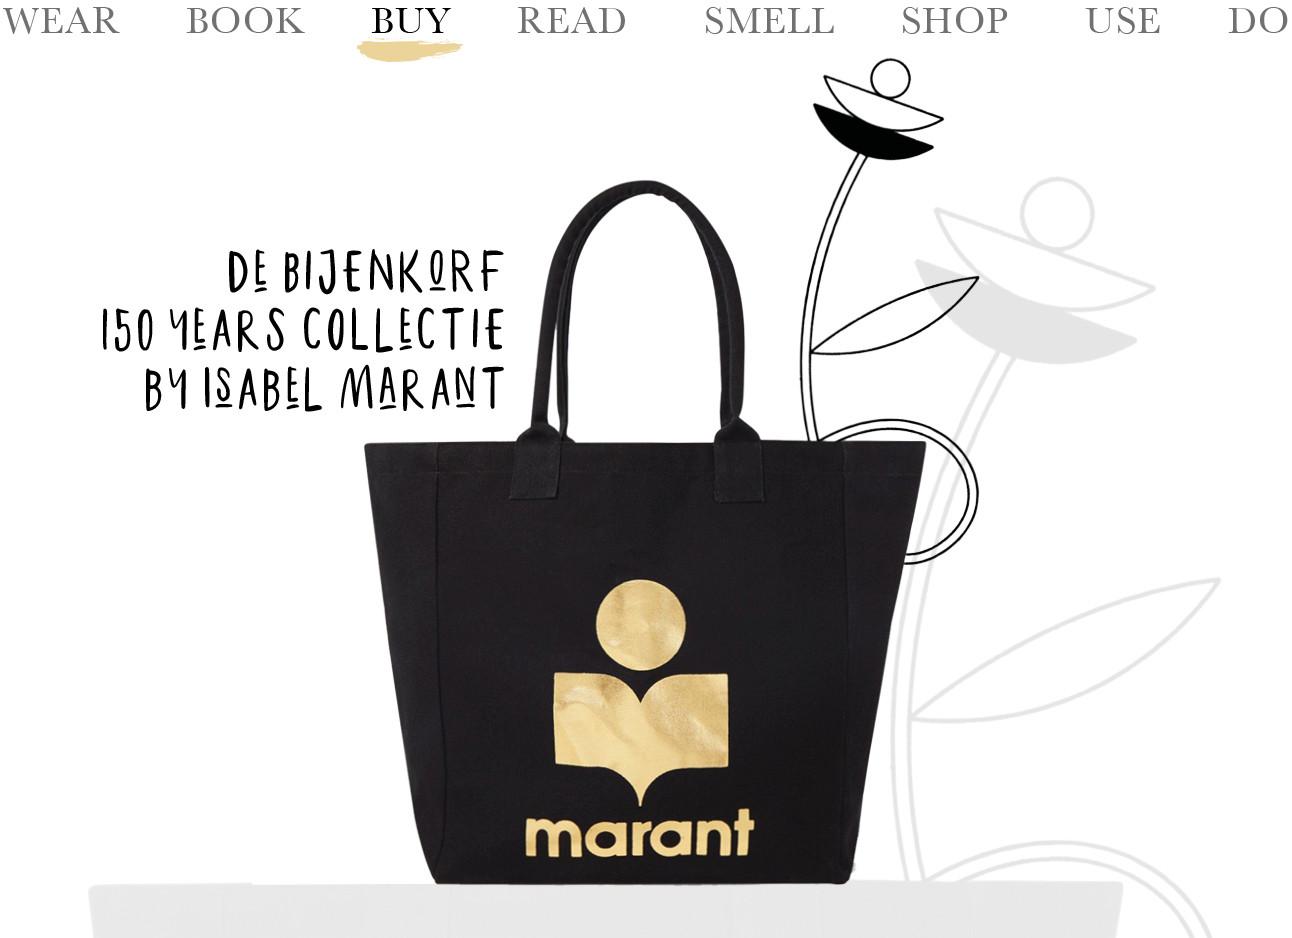 Today we shop de Bijenkorf 150 years collectie by Isabel Marant